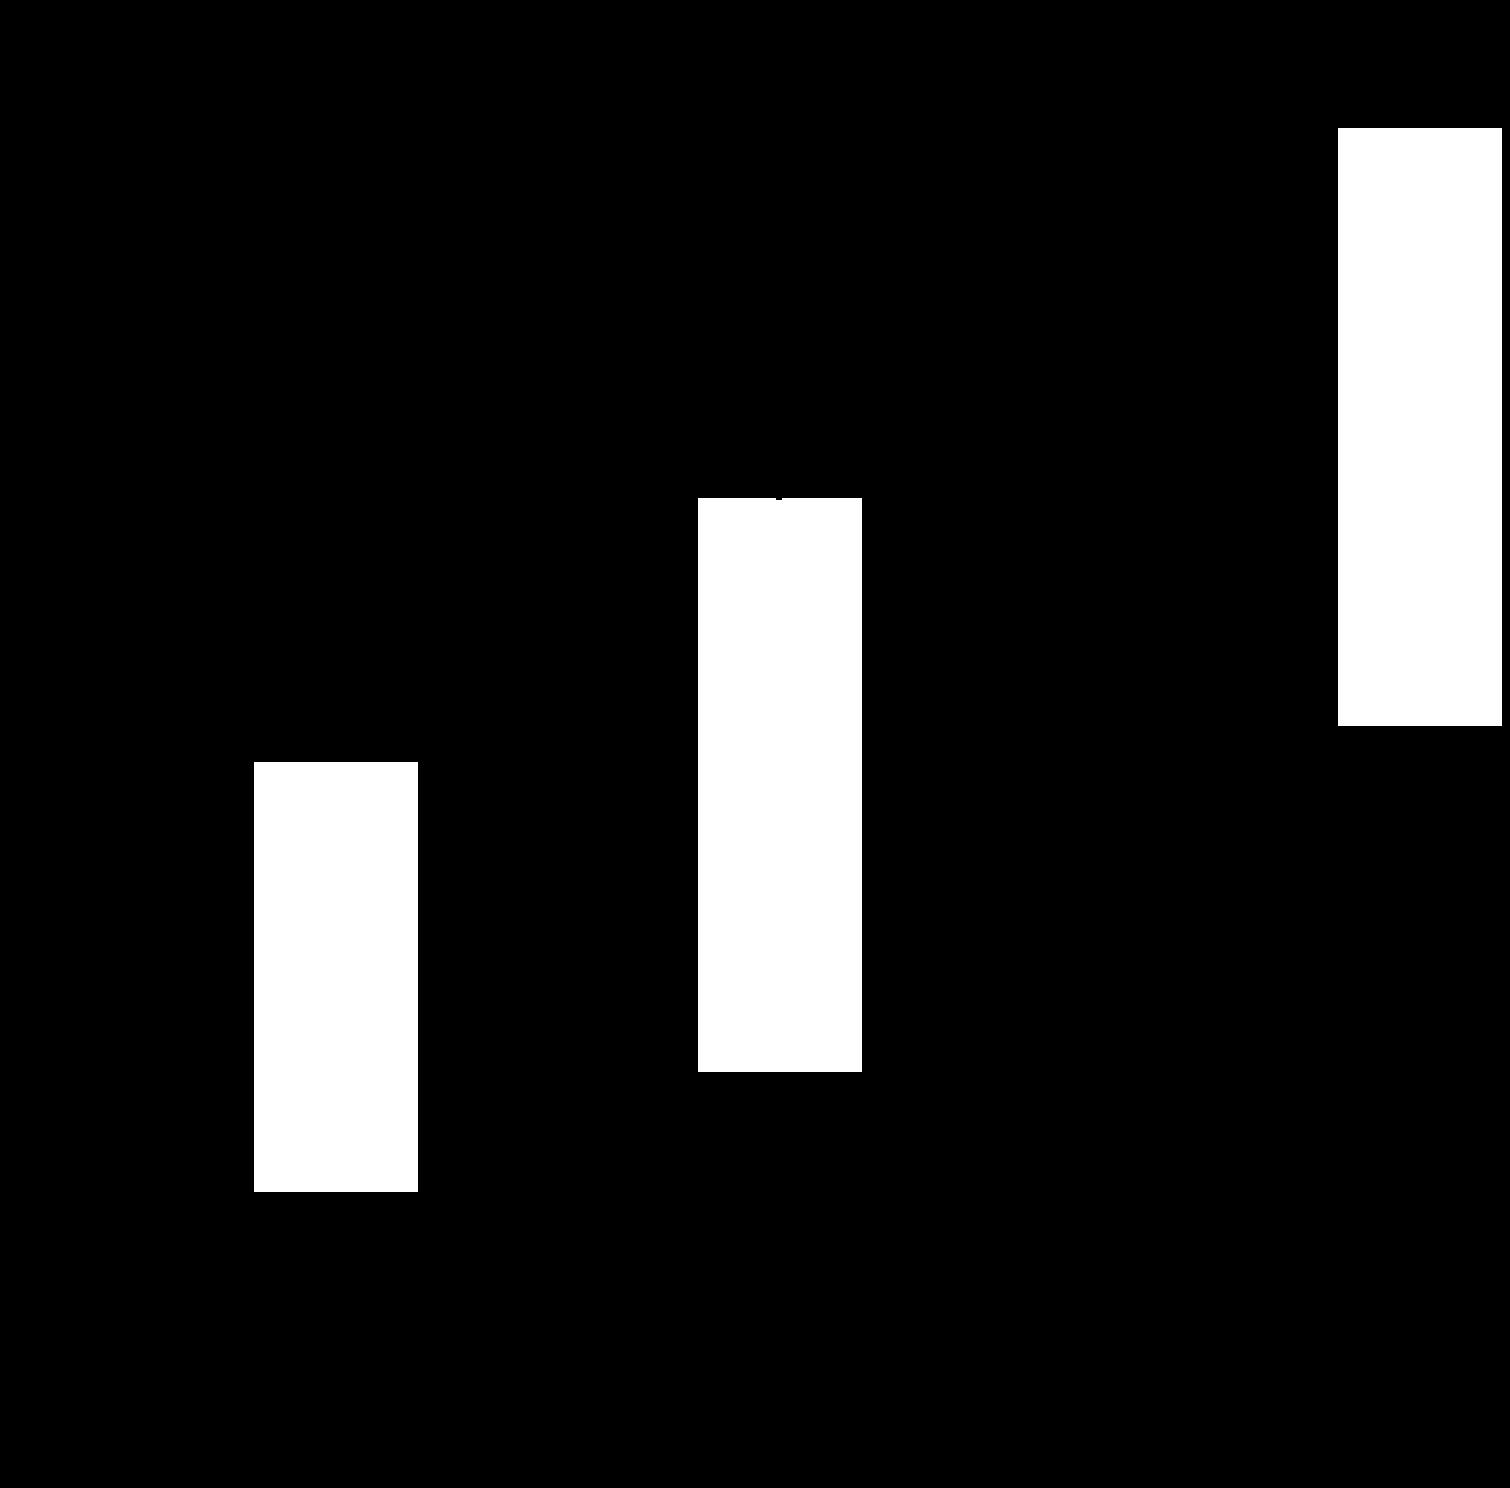 逆行の陰線a/b